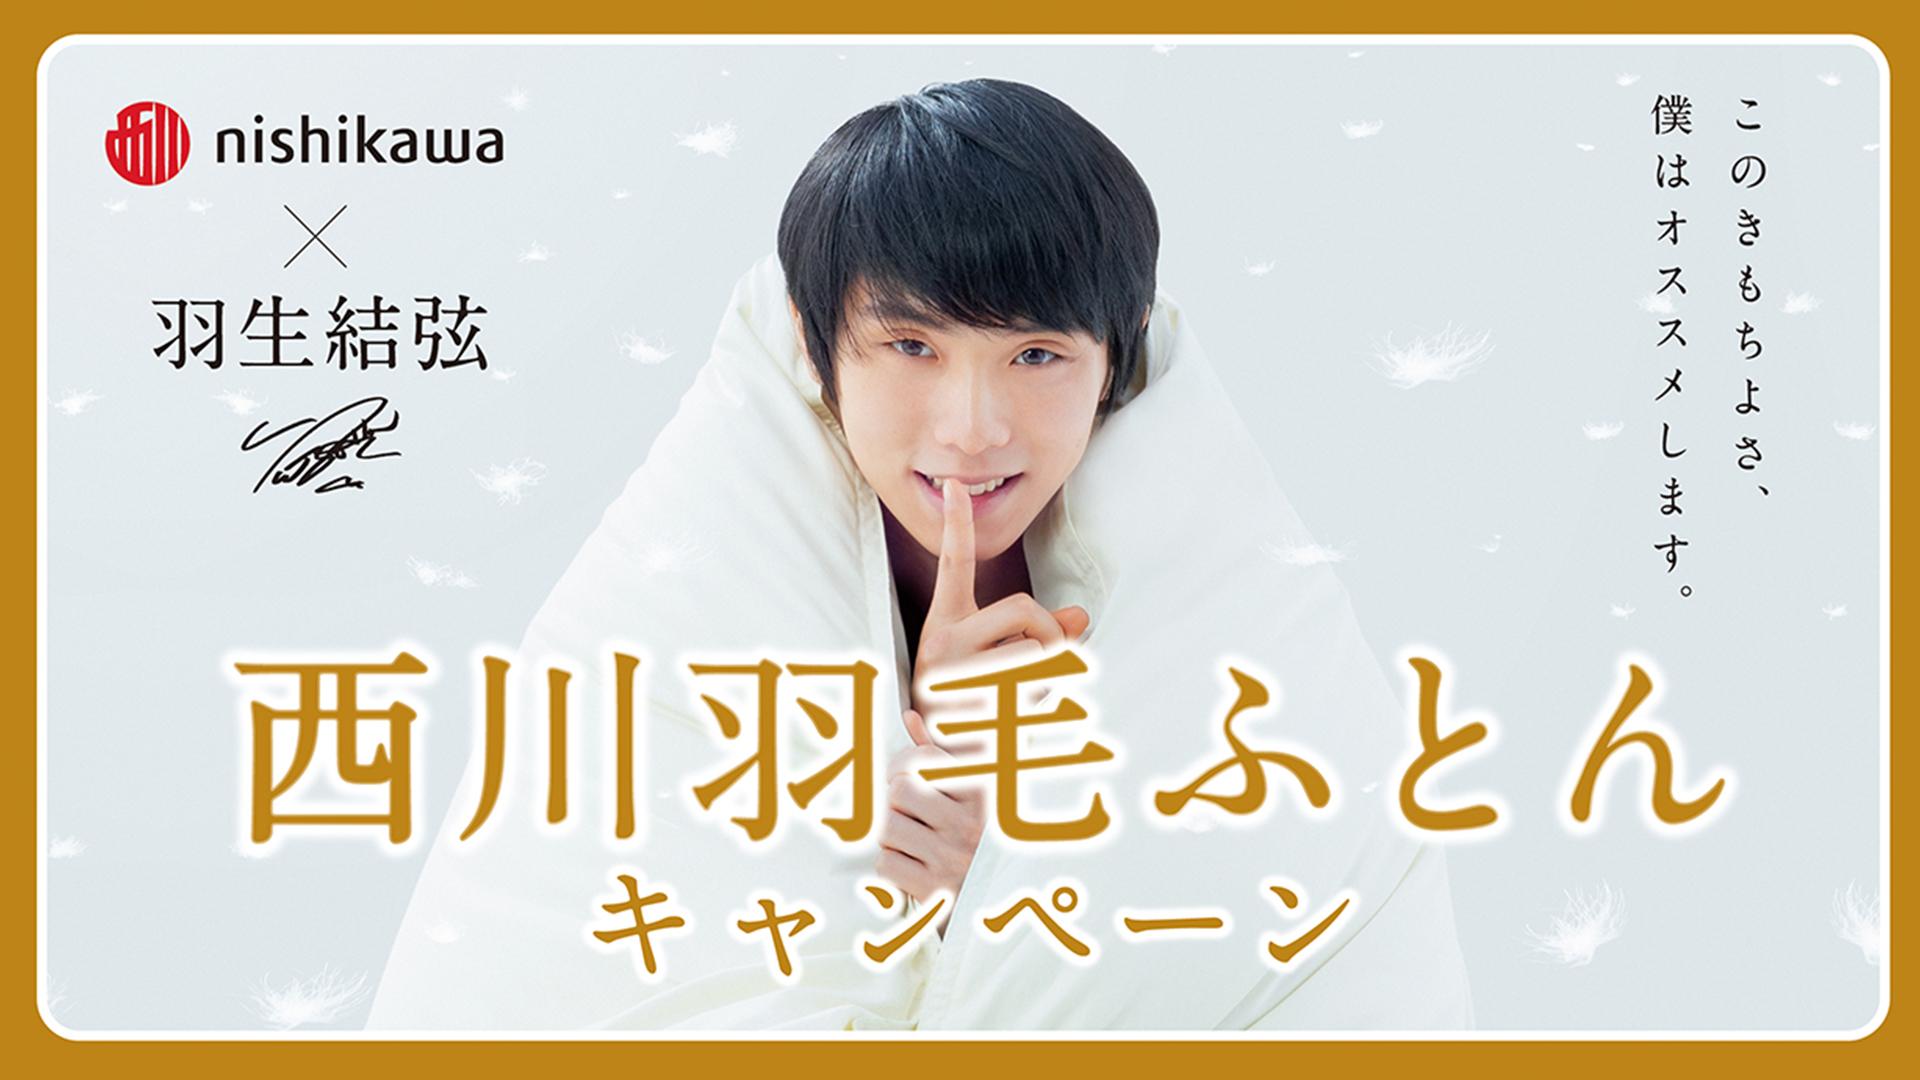 【『西川羽毛ふとんキャンペーン』羽生結弦選手を起用し開催】他、新着トレンド10月21日